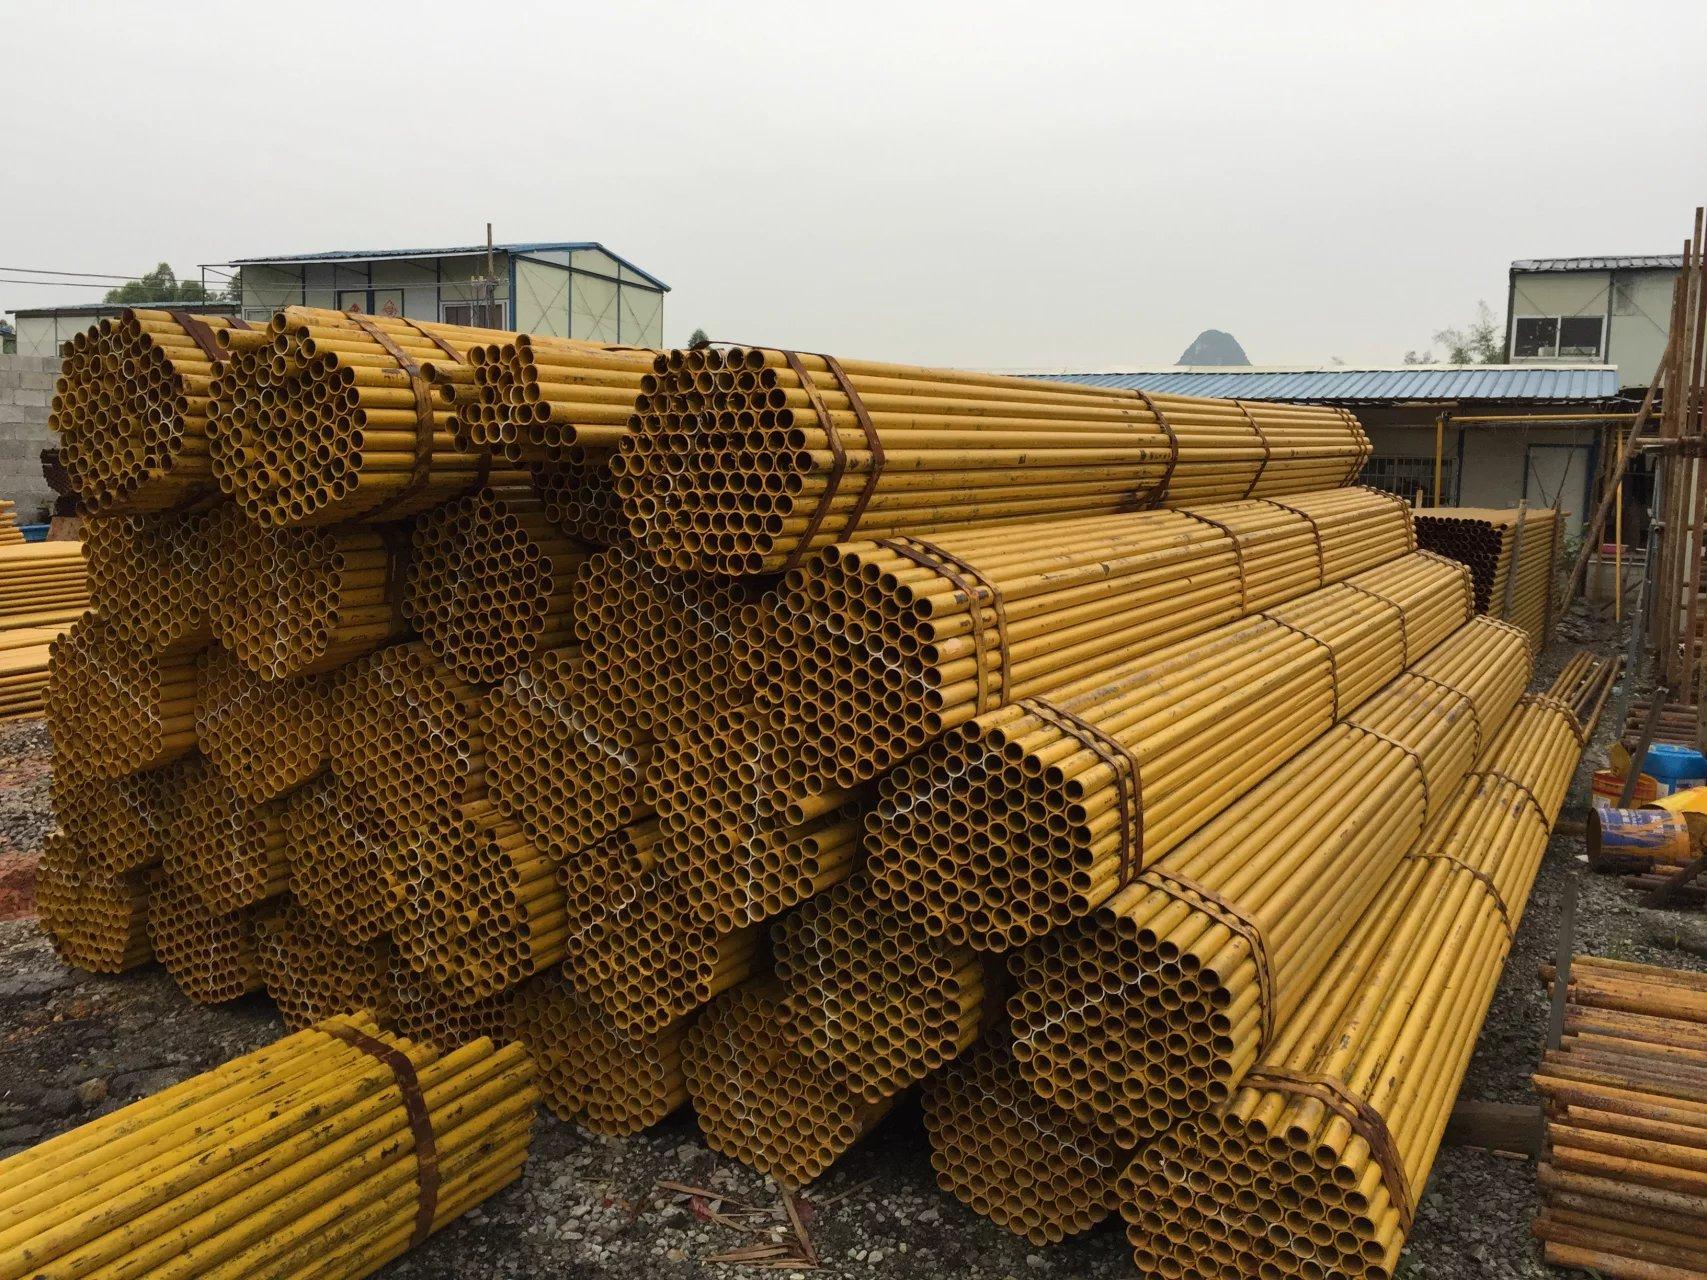 柳州建筑钢管出租供应 柳州建筑钢管出租价格-- 柳江县周工建筑材料租赁服务部